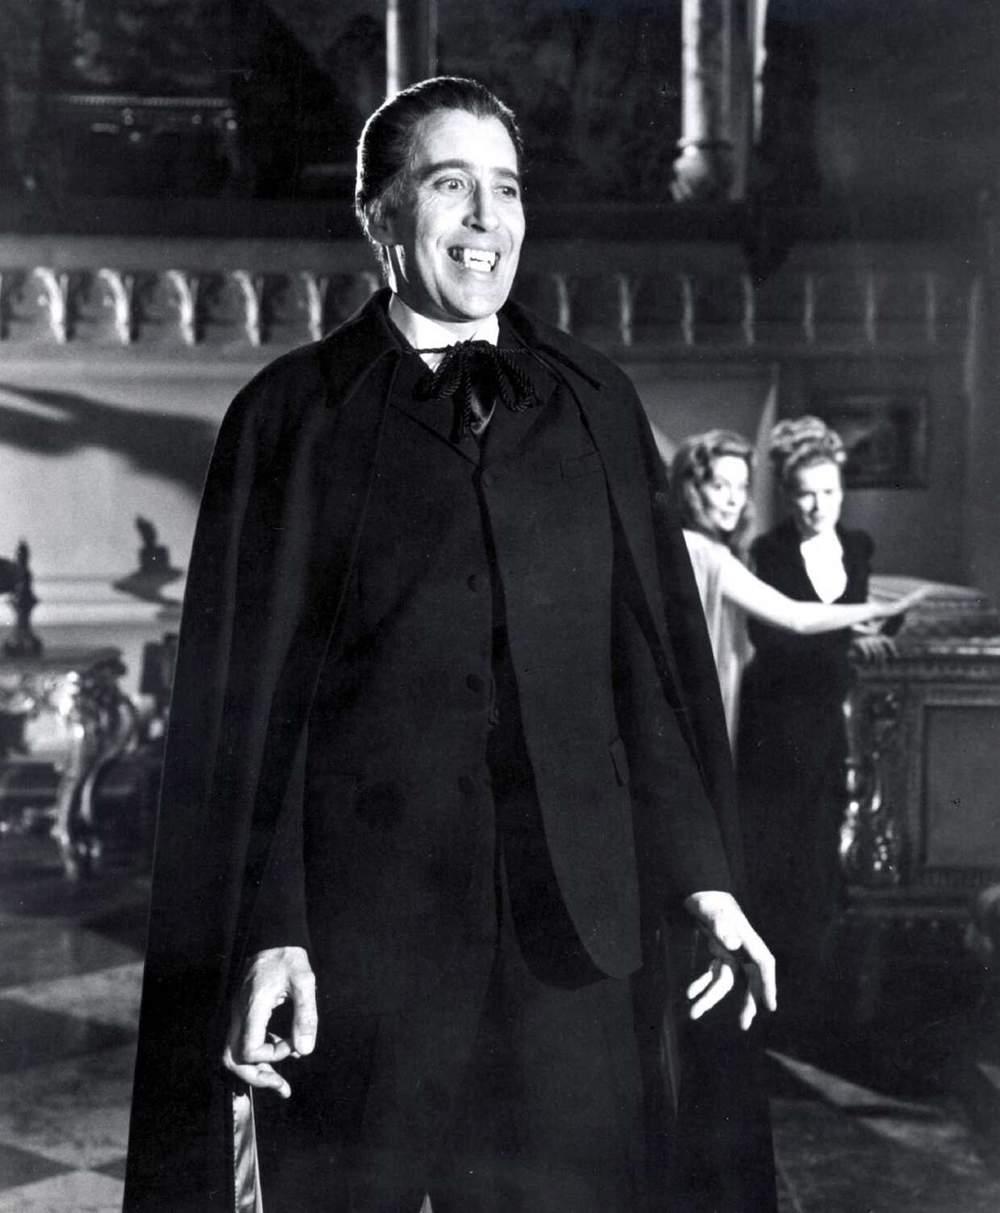 Mort de Christopher Lee : Retour sur la carrière riche et exceptionnelle de l'acteur anglais A-de-nombreuses-reprises-il-incarnera-le-celebre-vampire-dracula